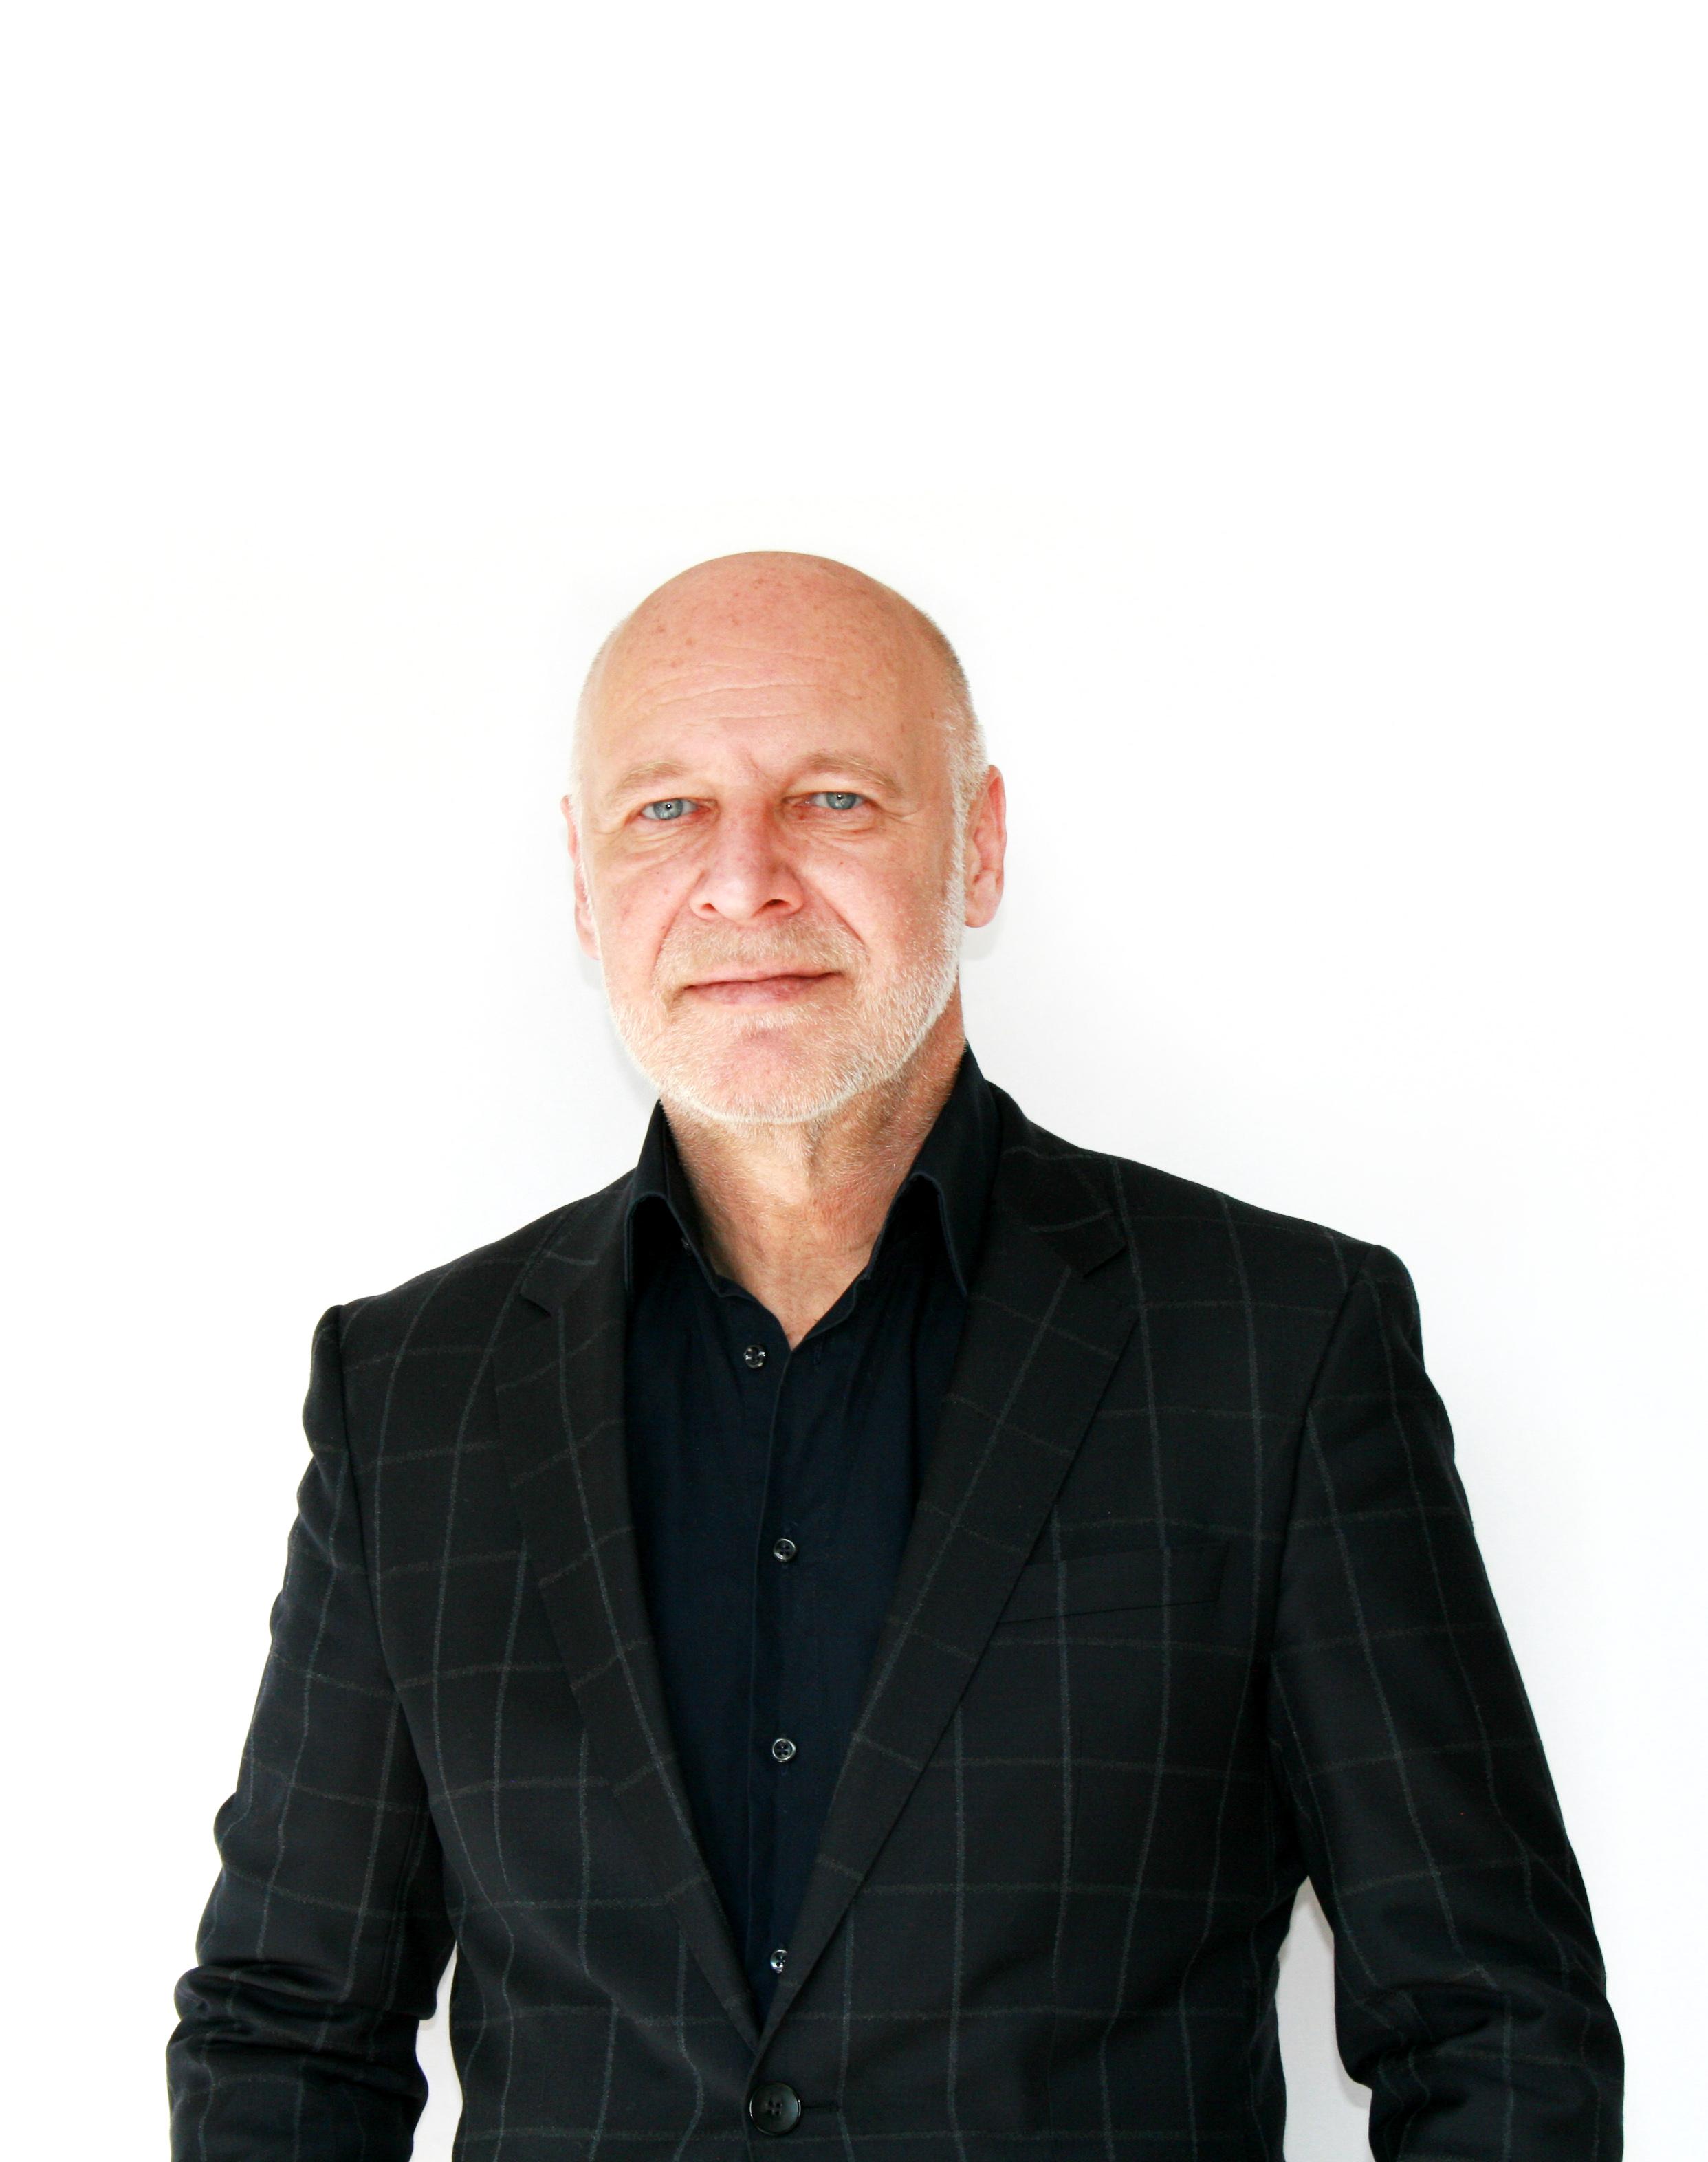 Frank Ninnemann ist geschäftsführender Gesellschafter der Unternehmensberatung Machwürth Team International